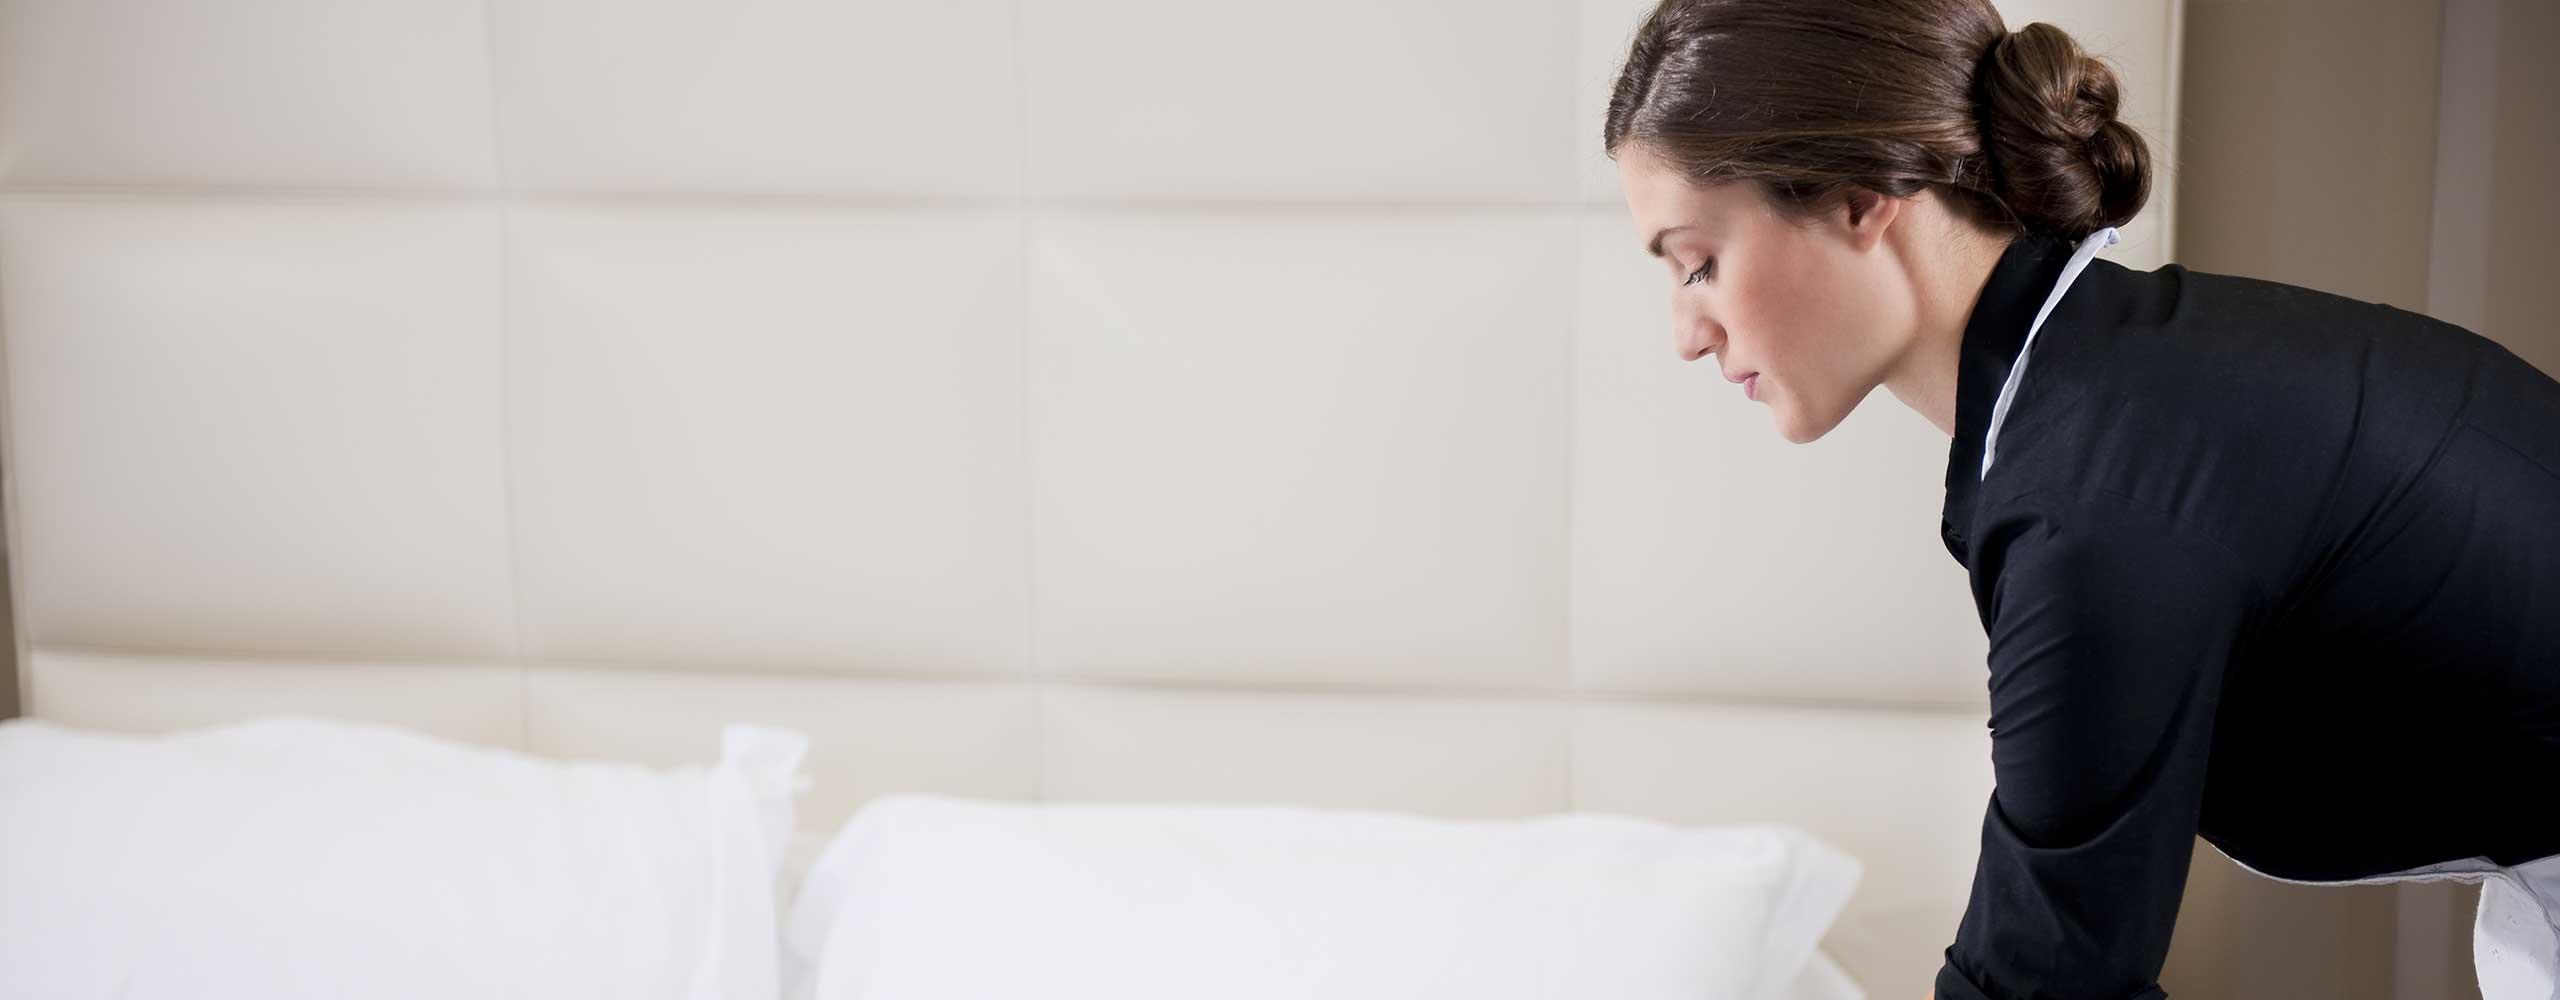 Sito Web per Hotel | Preventivo Realizzazione Sito Web per Hotel | PRINGO